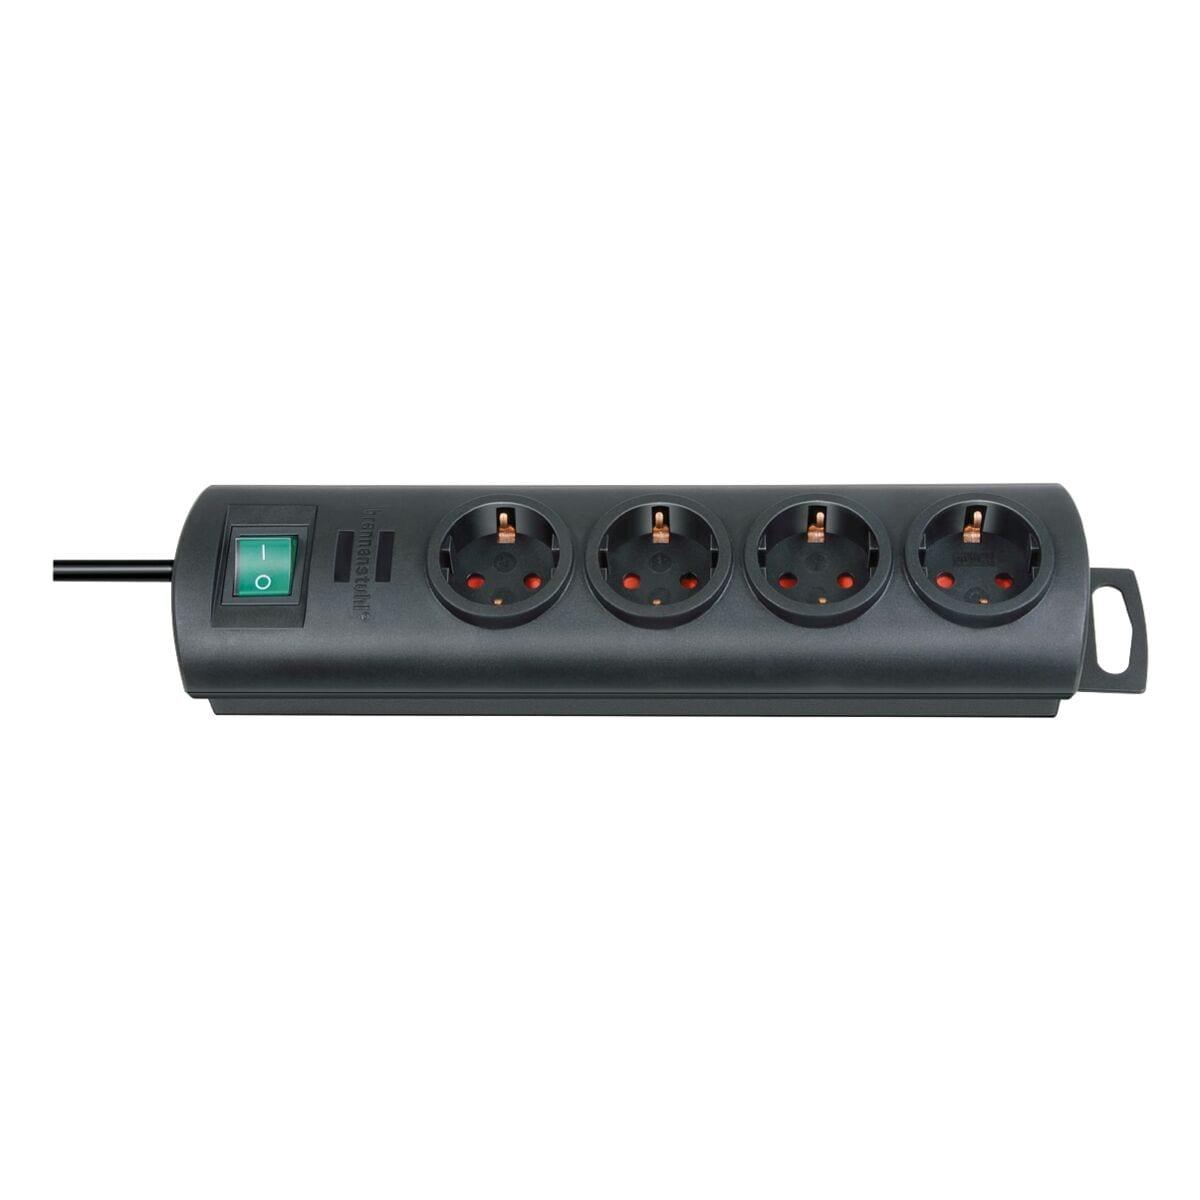 4-fach Steckdosenleiste Brennenstuhl Primera-Line mit Schalter, schwarz